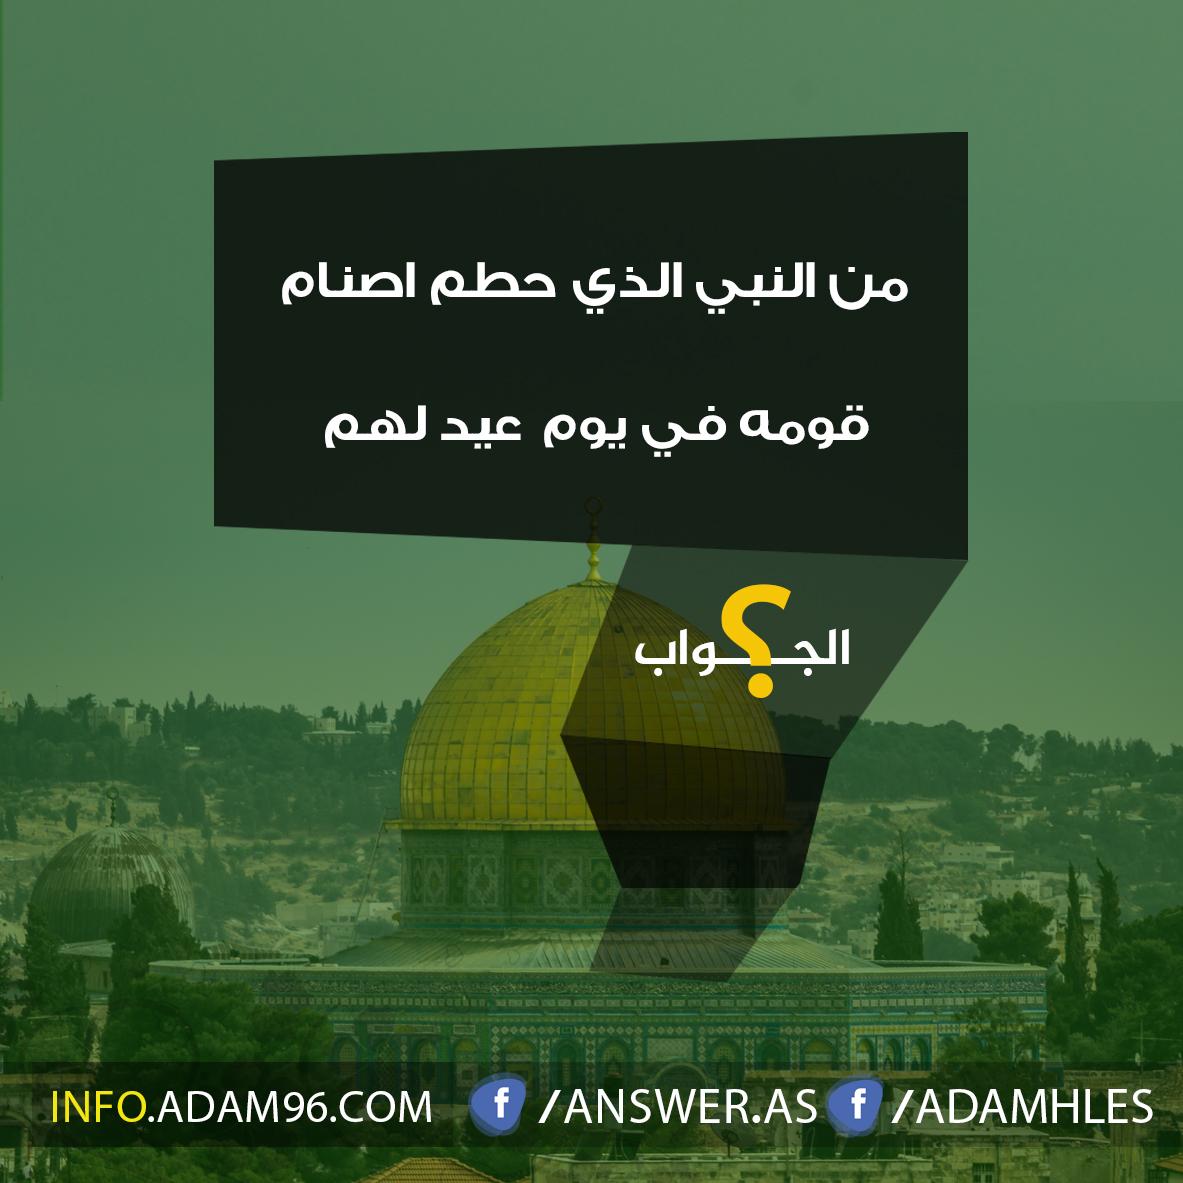 من النبي الذي حطم اصنام  قومه في يوم عيد لهم - سؤال مع اجابة